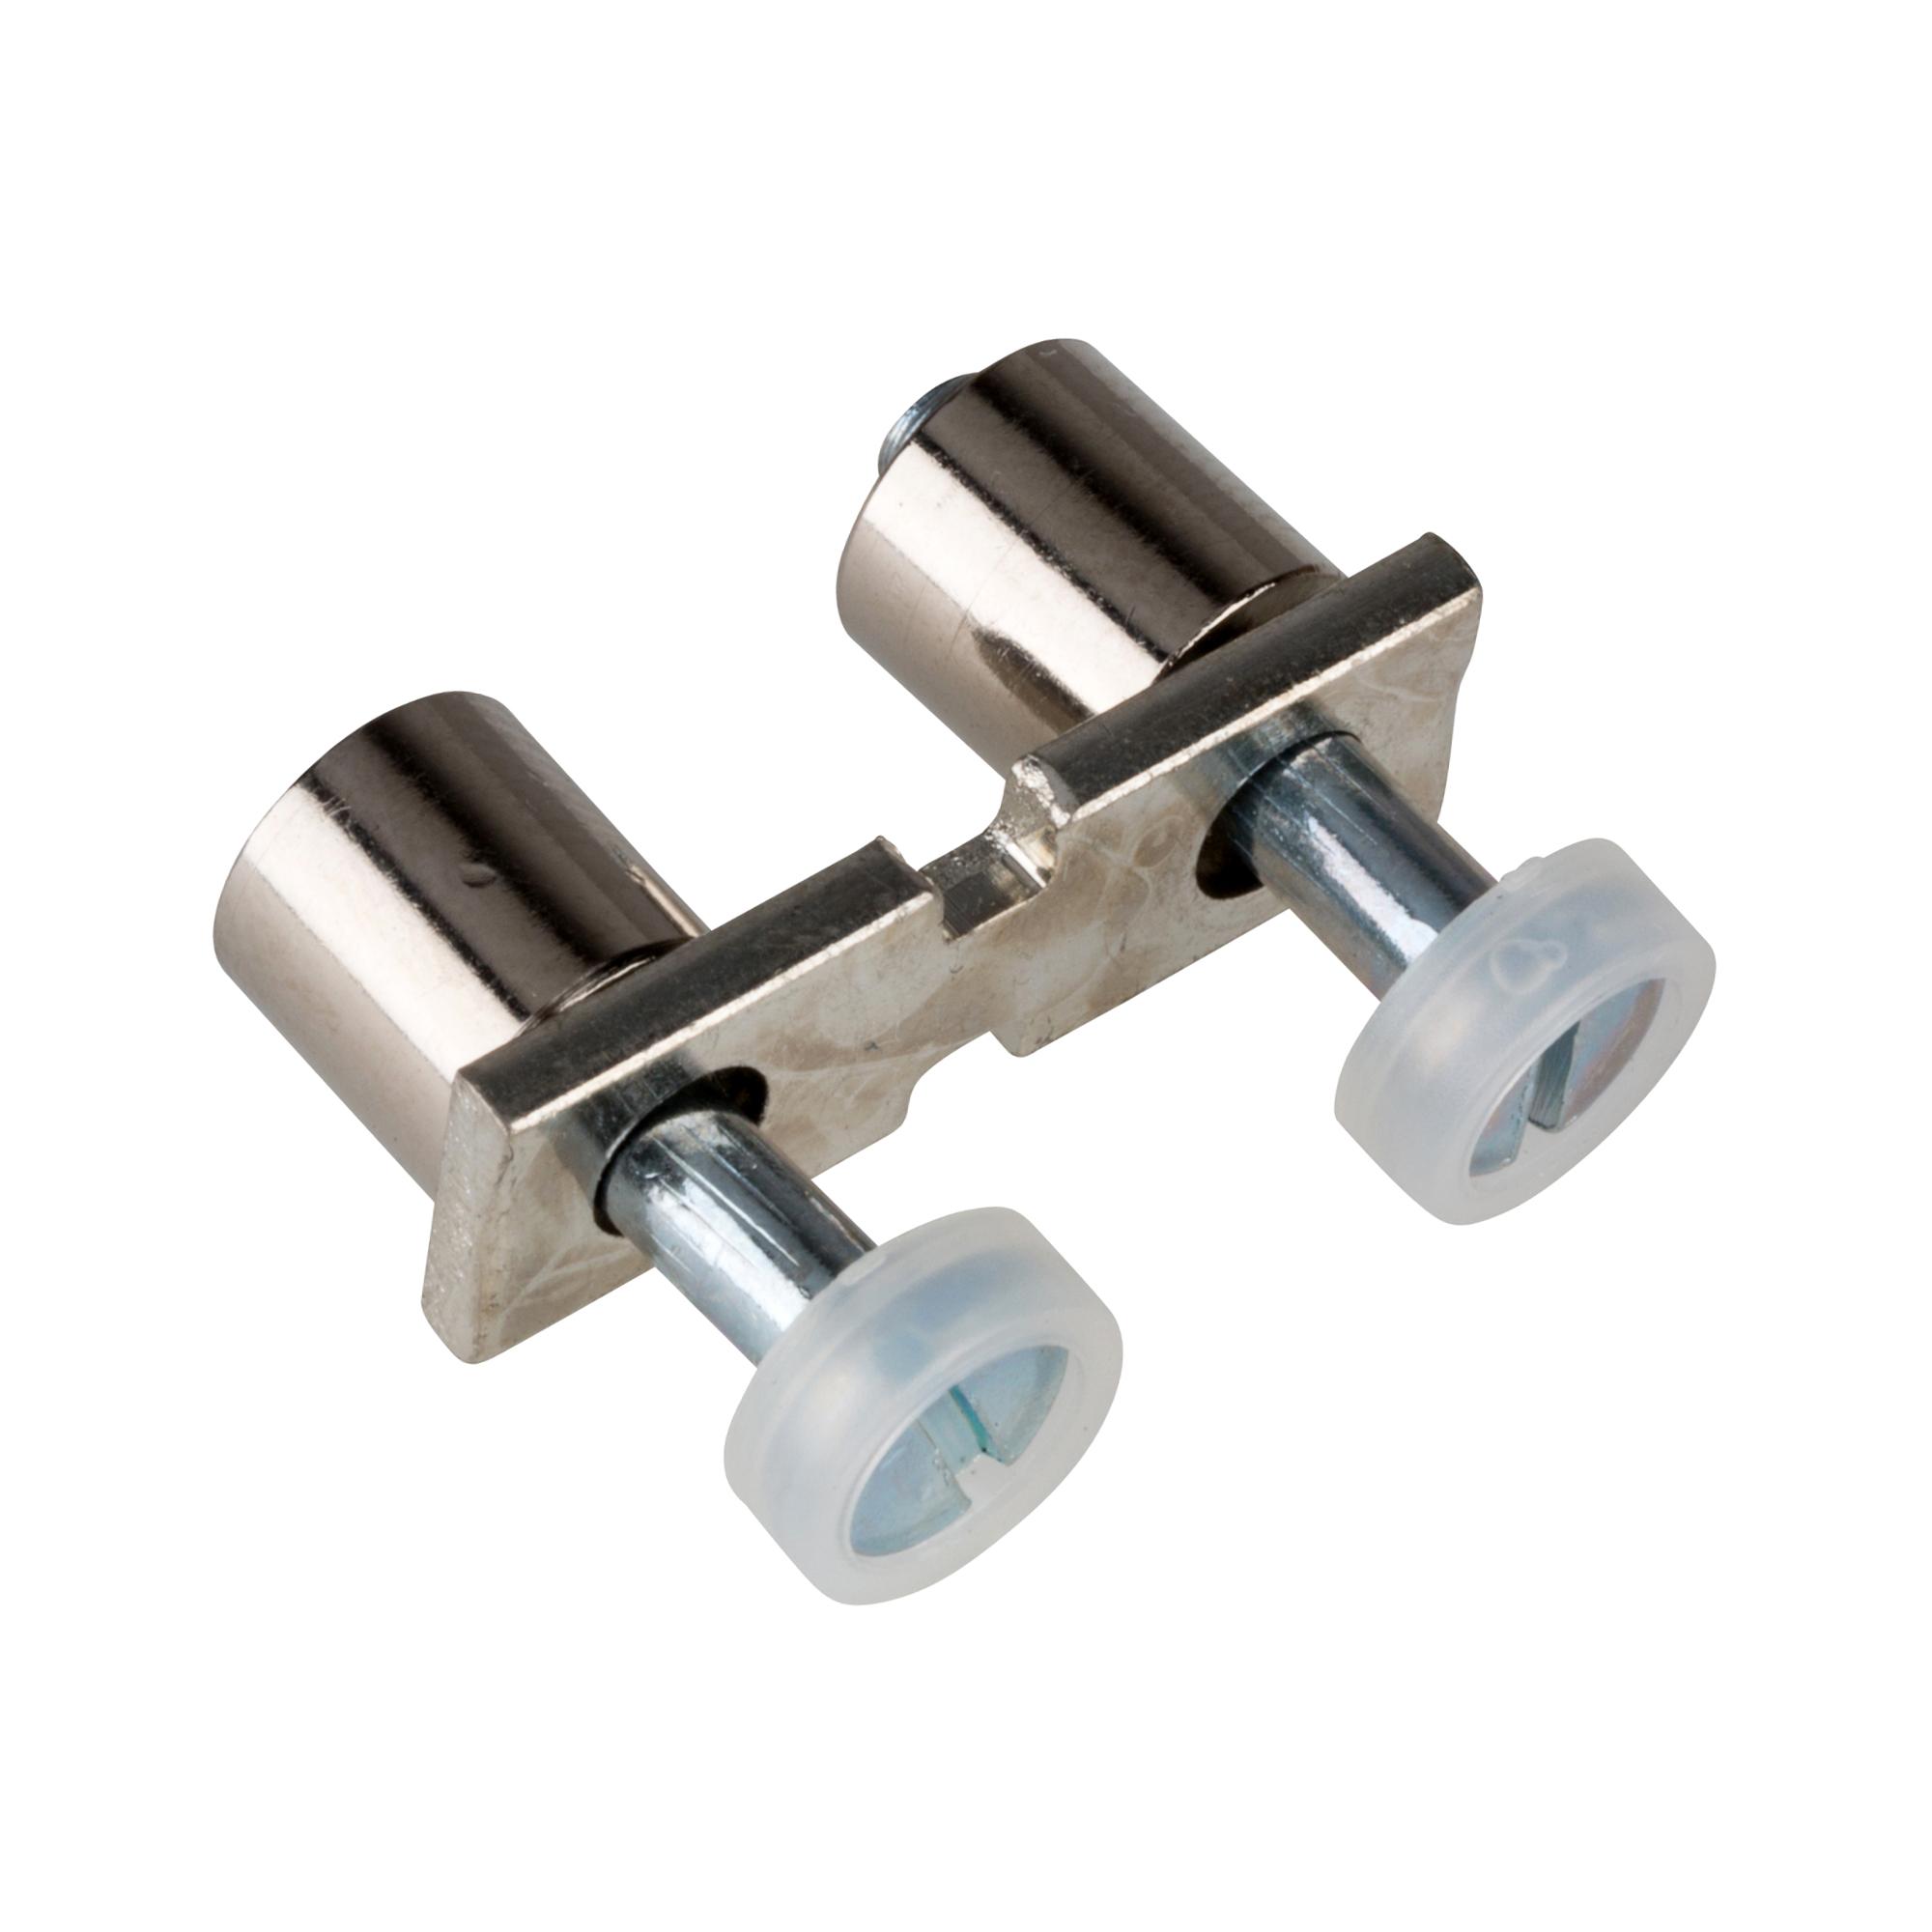 1 Stk Querverbinder 2-polig/35mm² für AVK 35 IK600572--